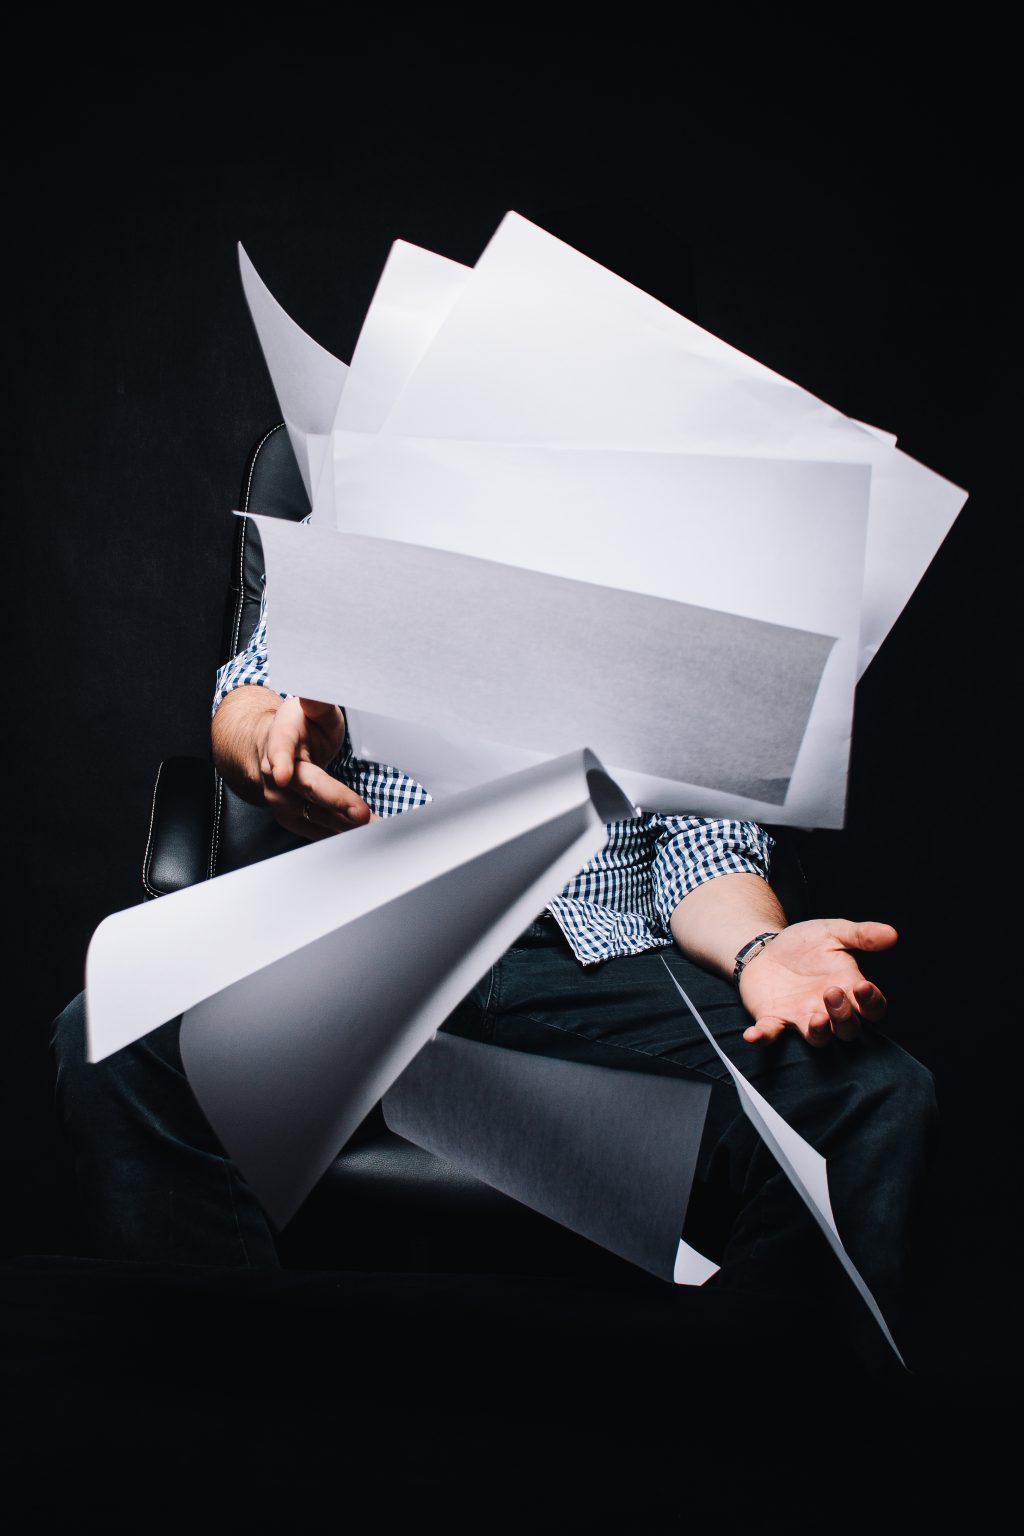 Konturlosigkeit - das Vakuum des Erfolgs stellt sich häufig unbemerkt ein.